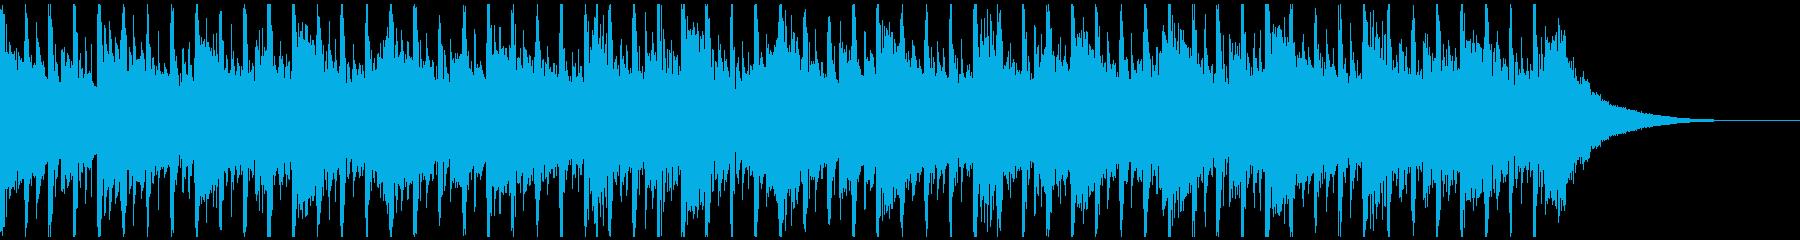 アーキテクチャ(35秒)の再生済みの波形